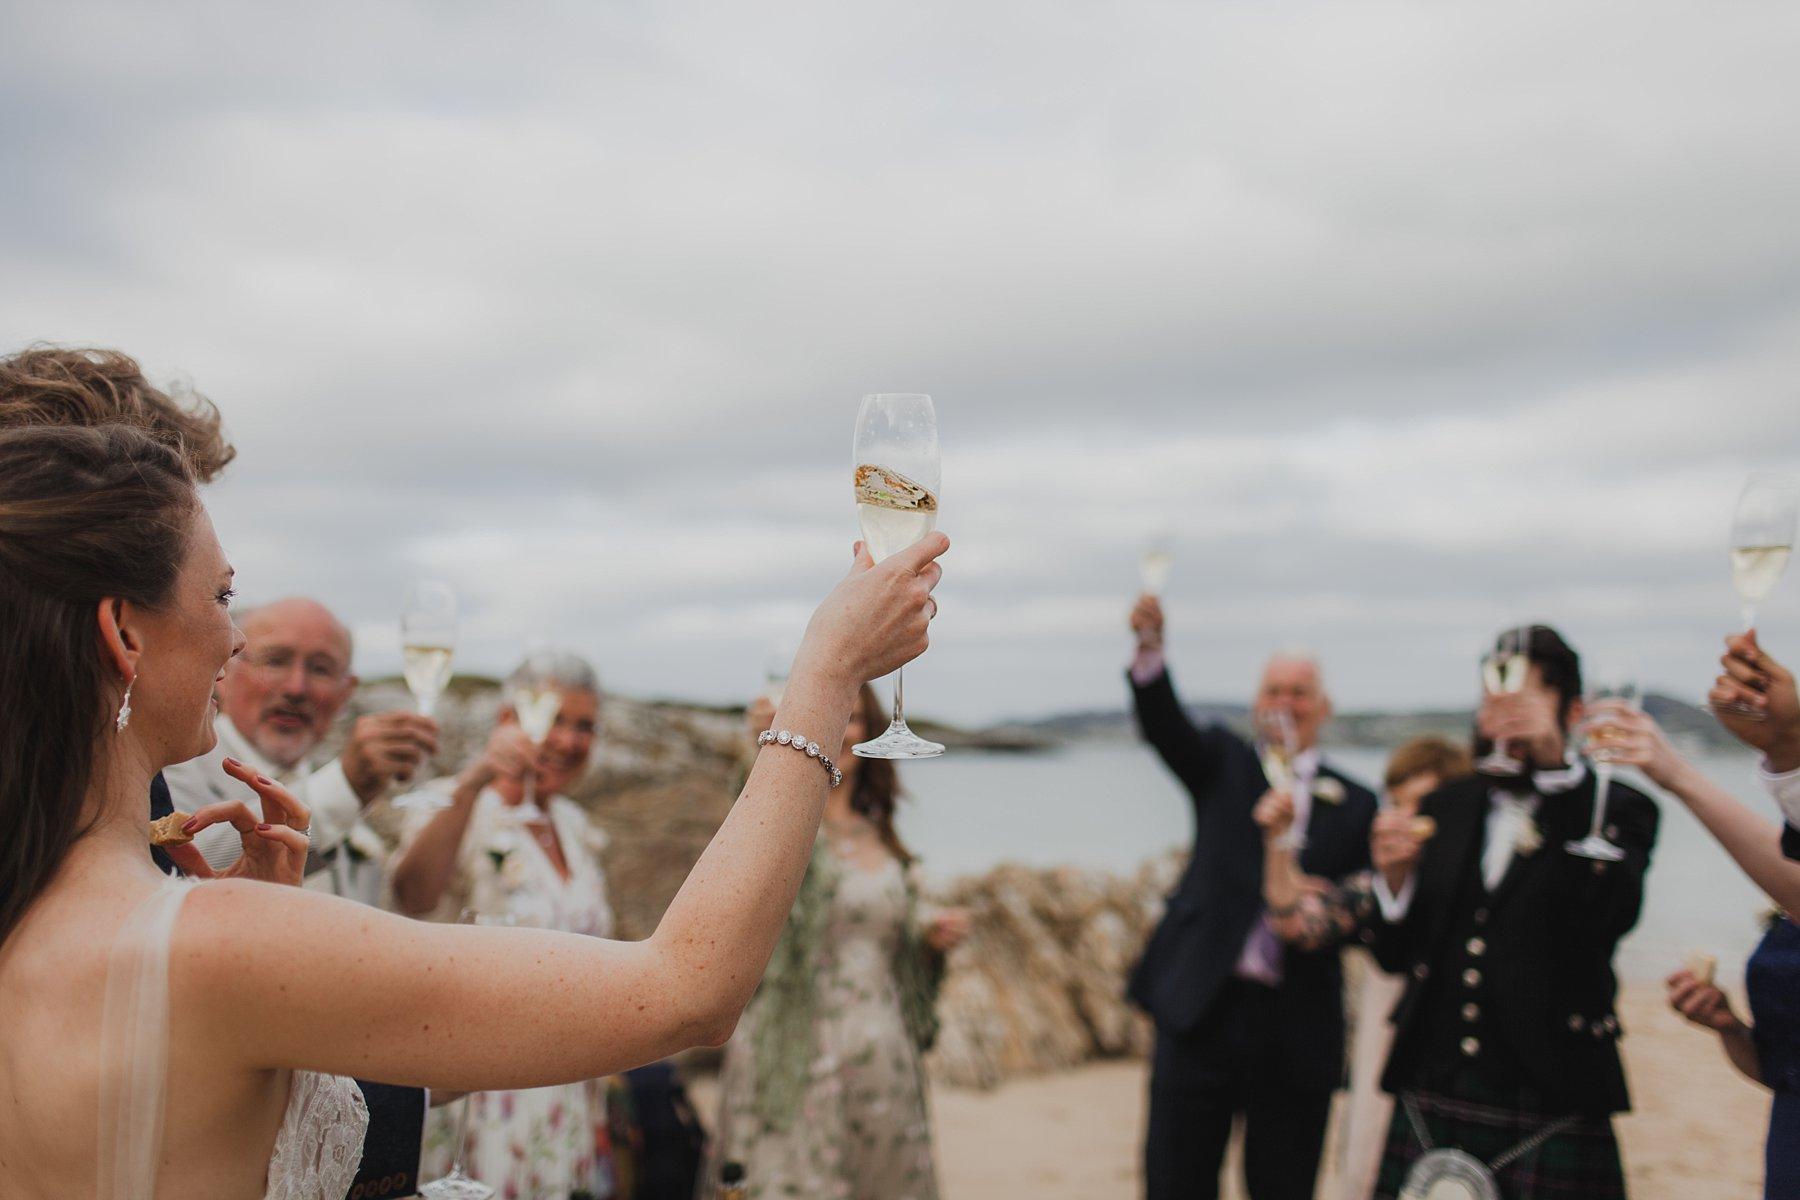 hornhead_donegak_elopement_weddings_0054